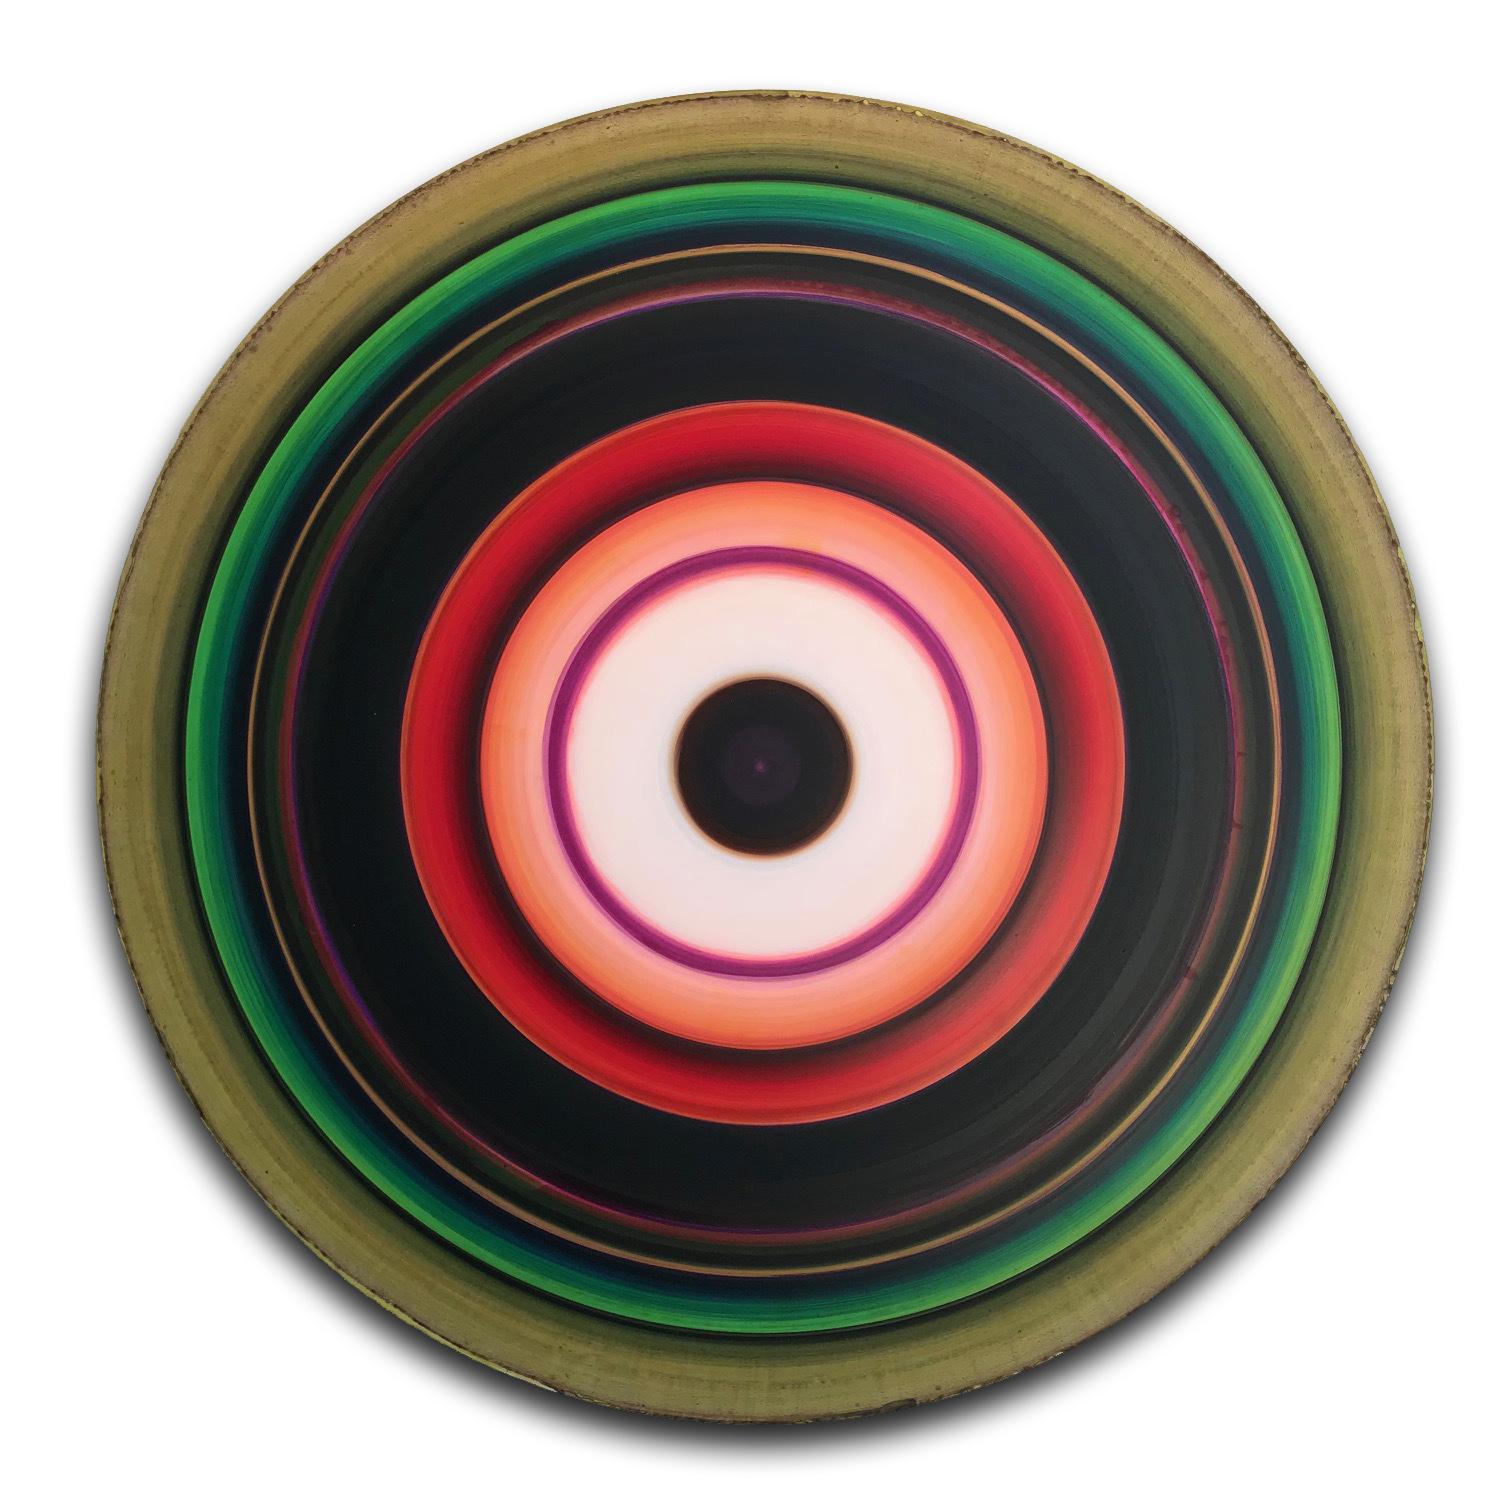 untitled (16-48-1), acrylic on aluminum, 48 in. diameter